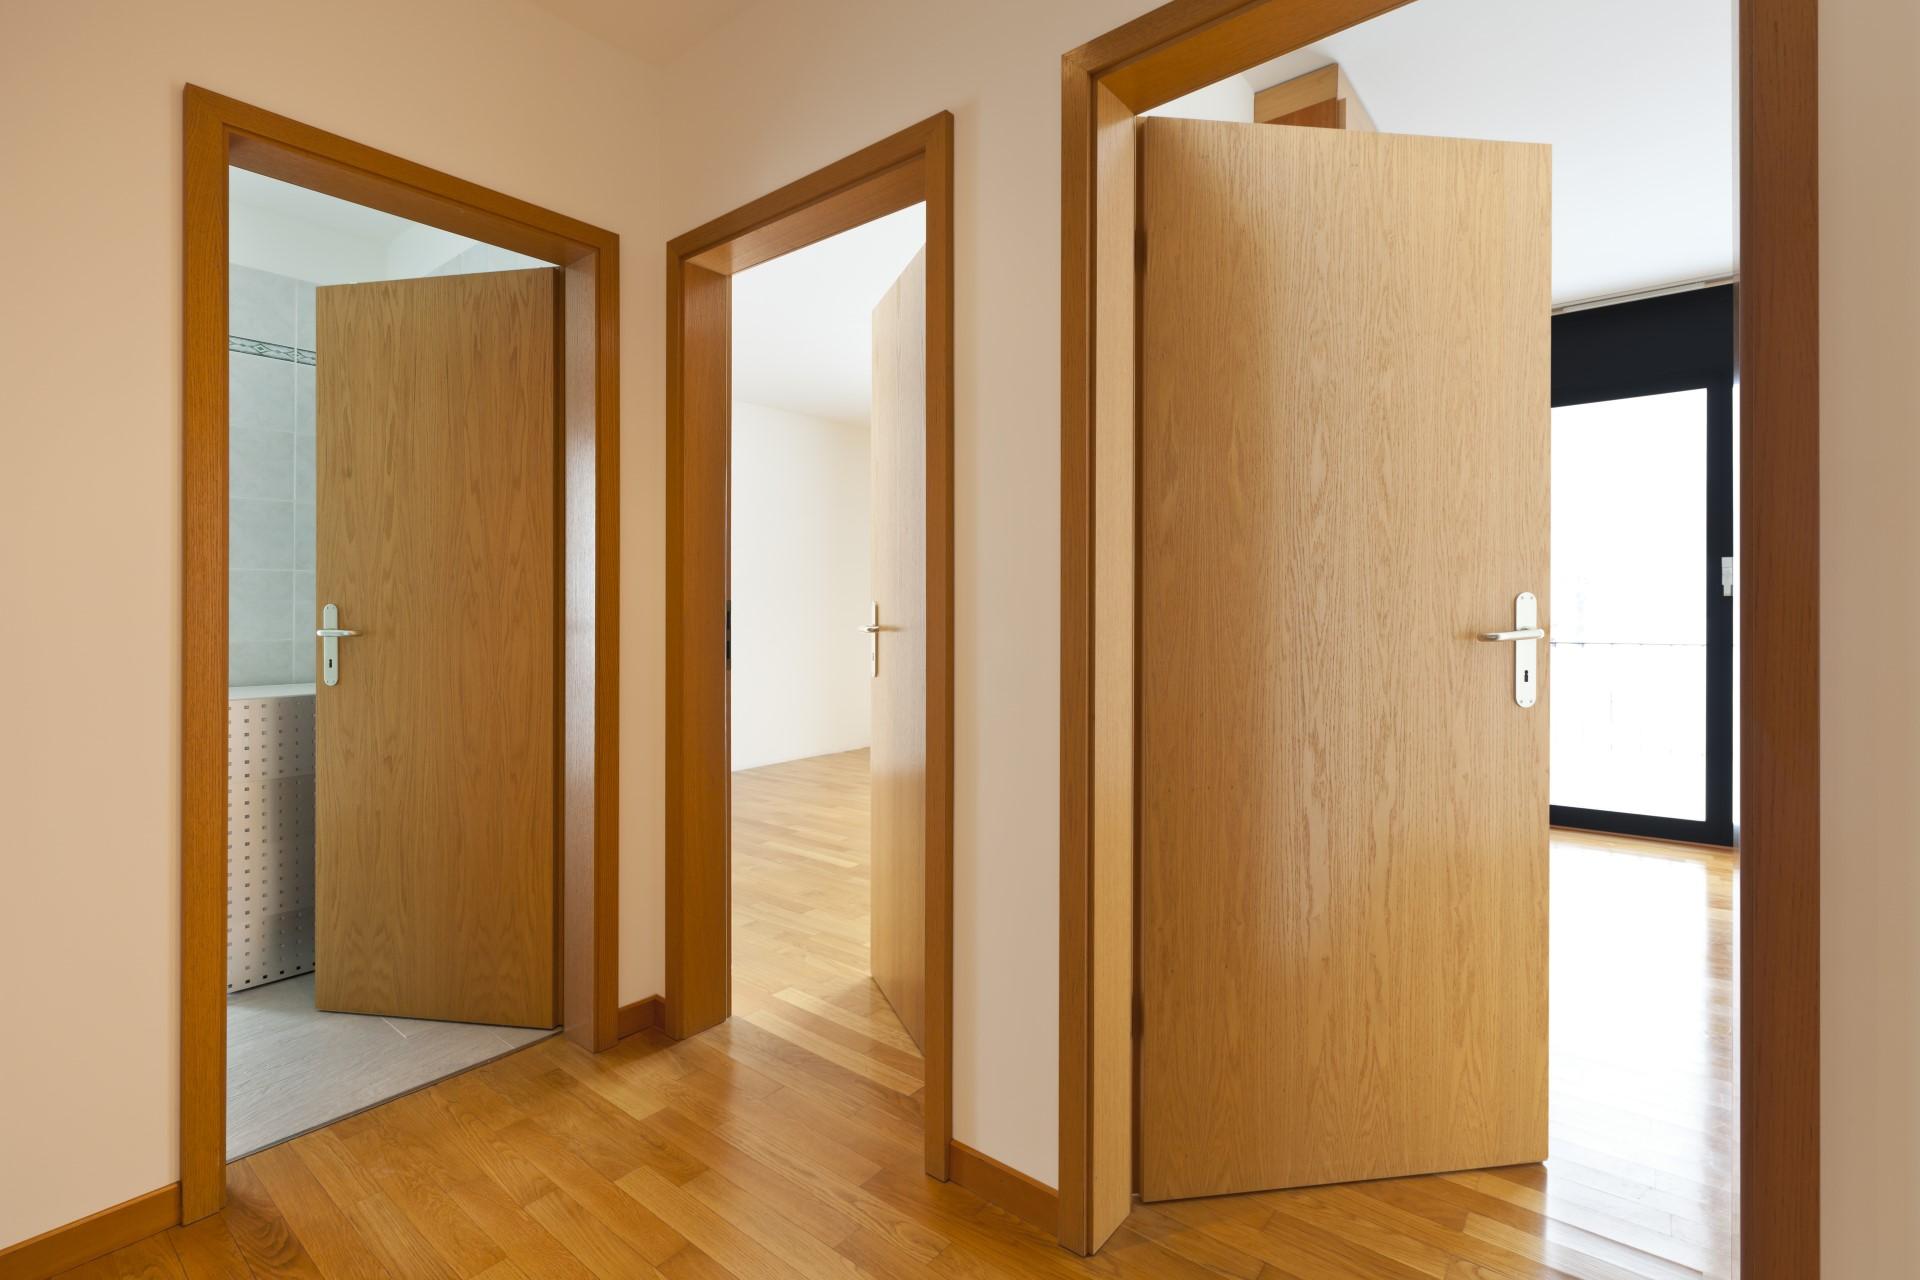 Межкомнатные двери из экошпона: фото, материал, плюсы и минусы